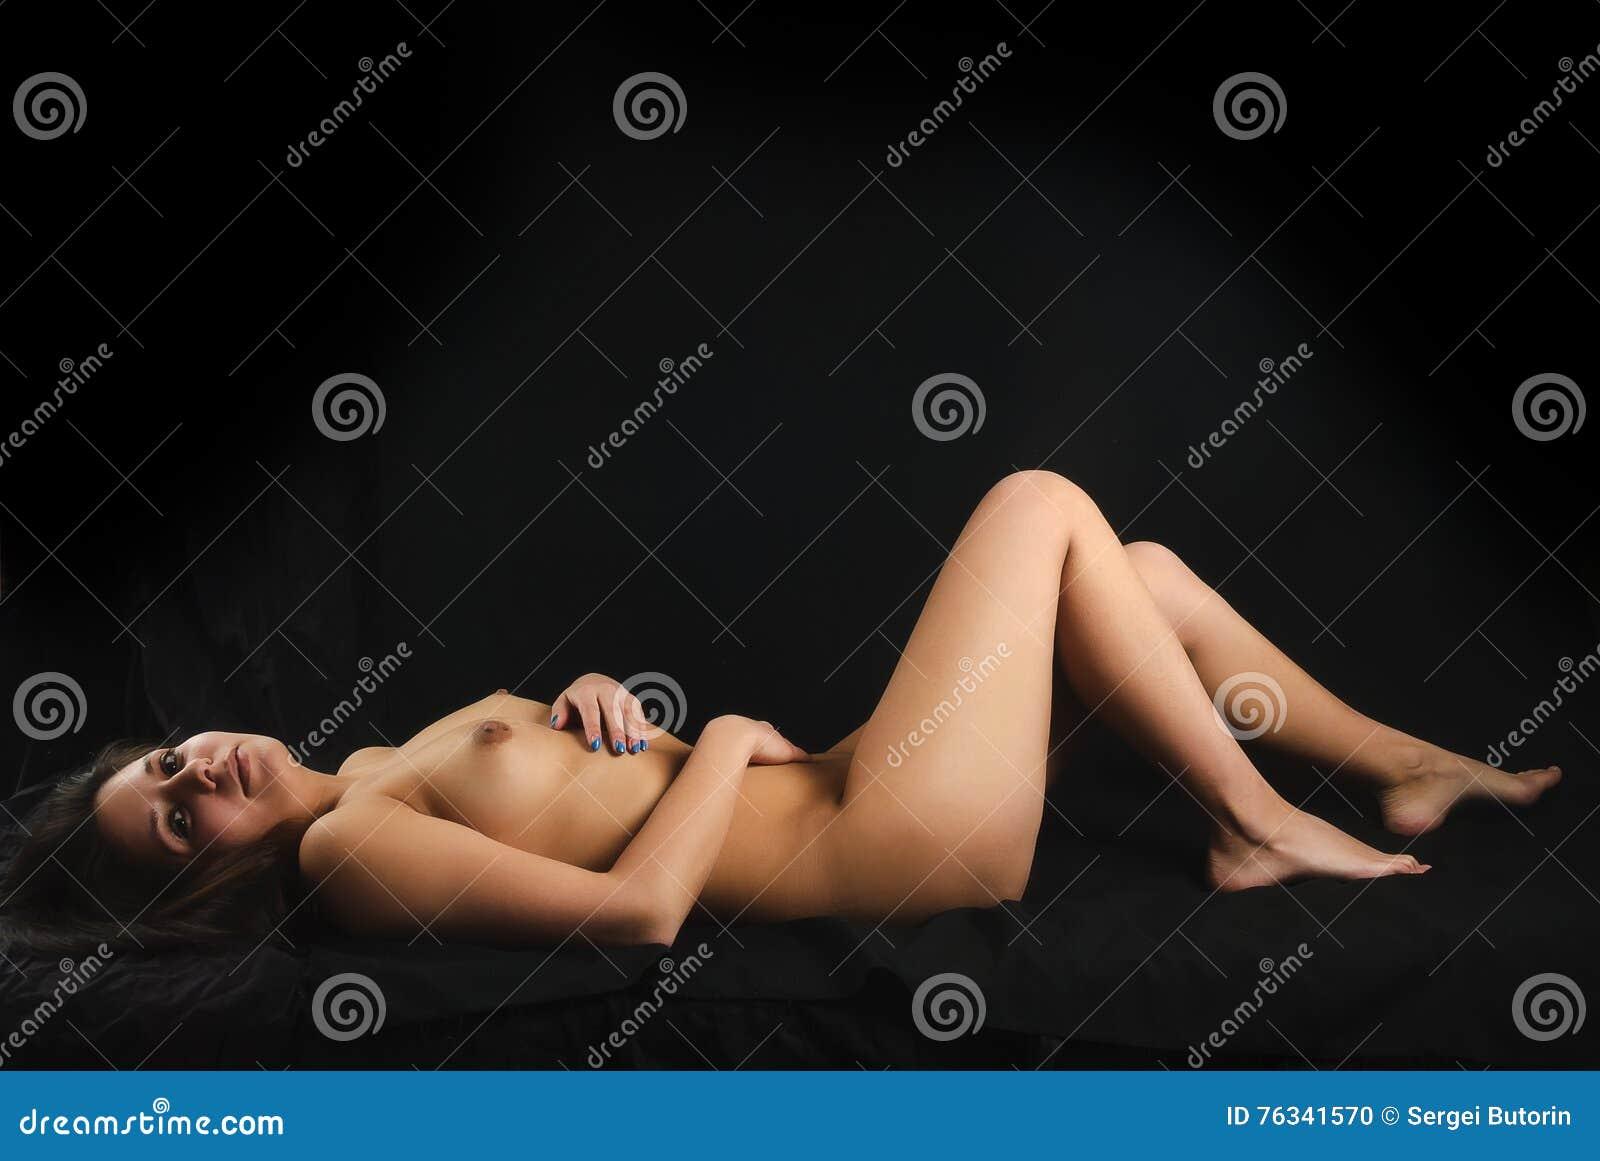 zdjęcia rozbierających się kobiet